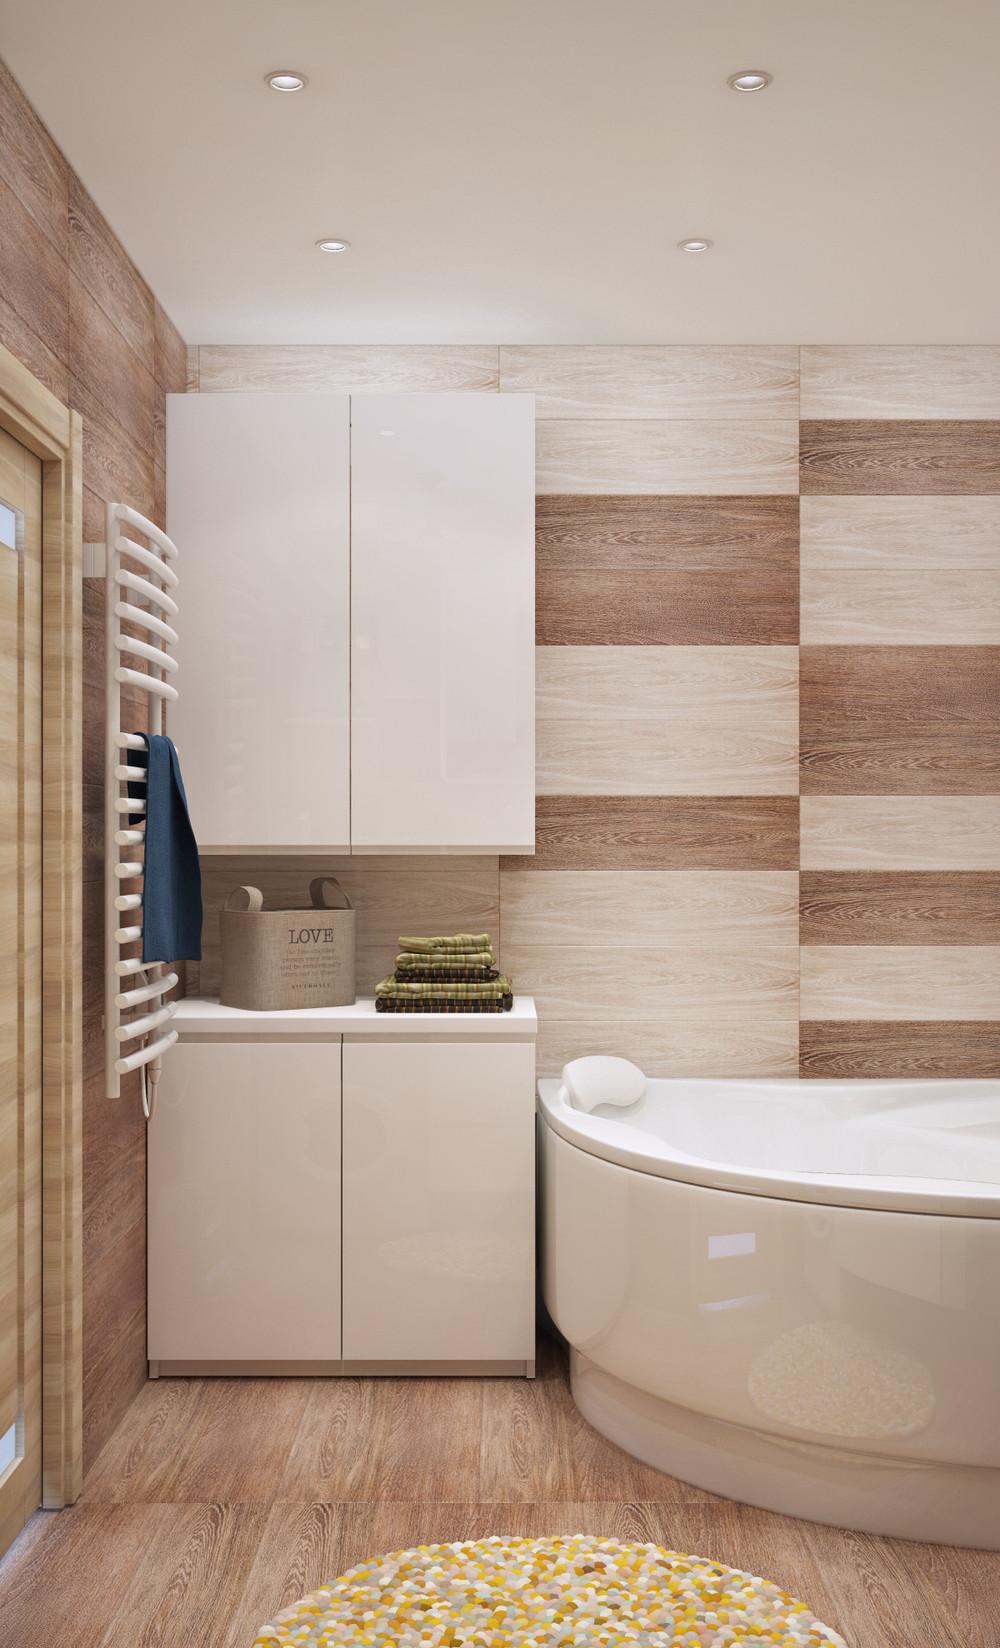 Интерьер ванной комнаты в маленькой квартире